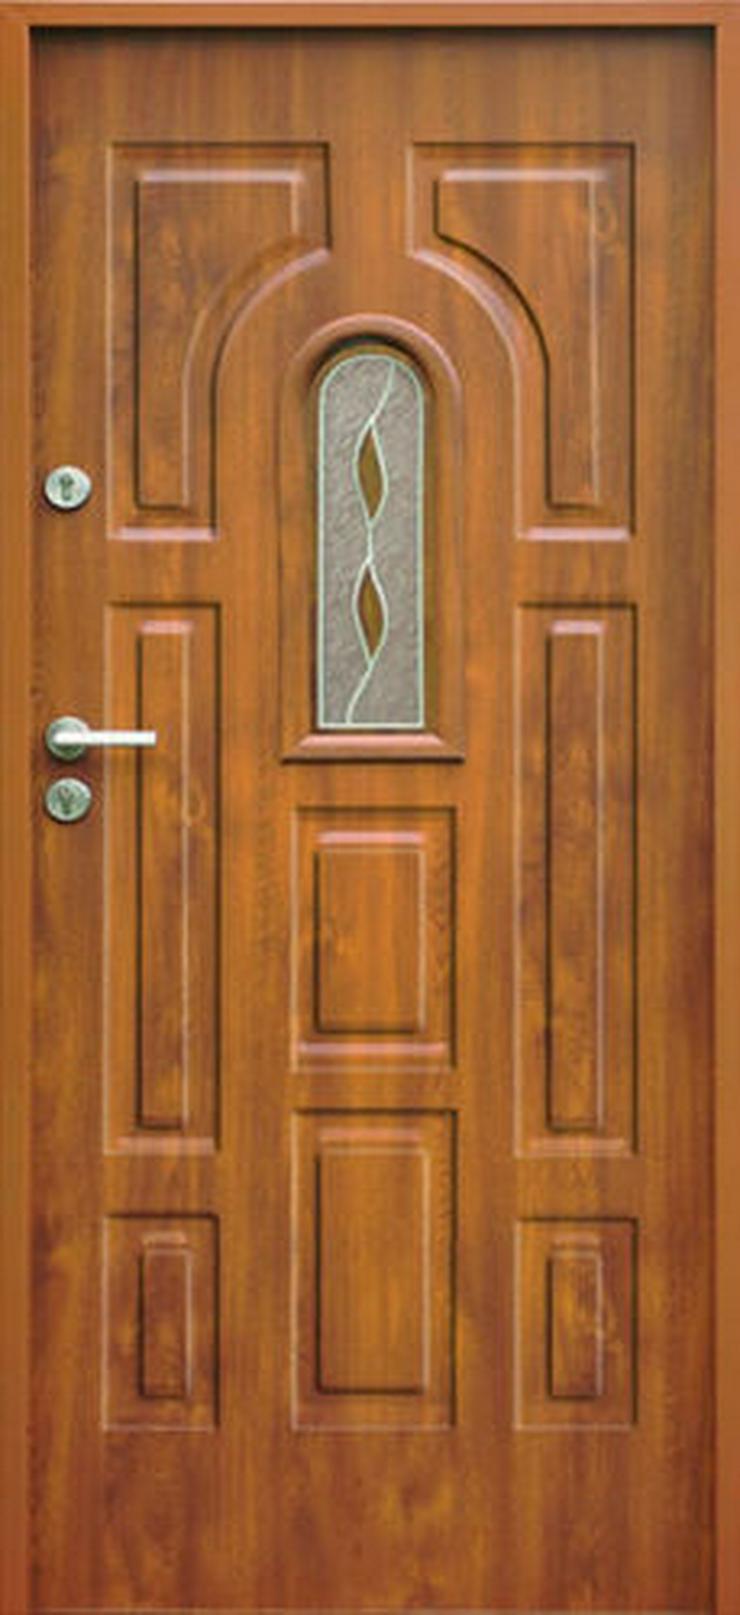 Bild 4:  Eingangstür Haustür Stahltür Wohntür Tür 70 80 90 100 Breite 7Farben 52mm Opus W3